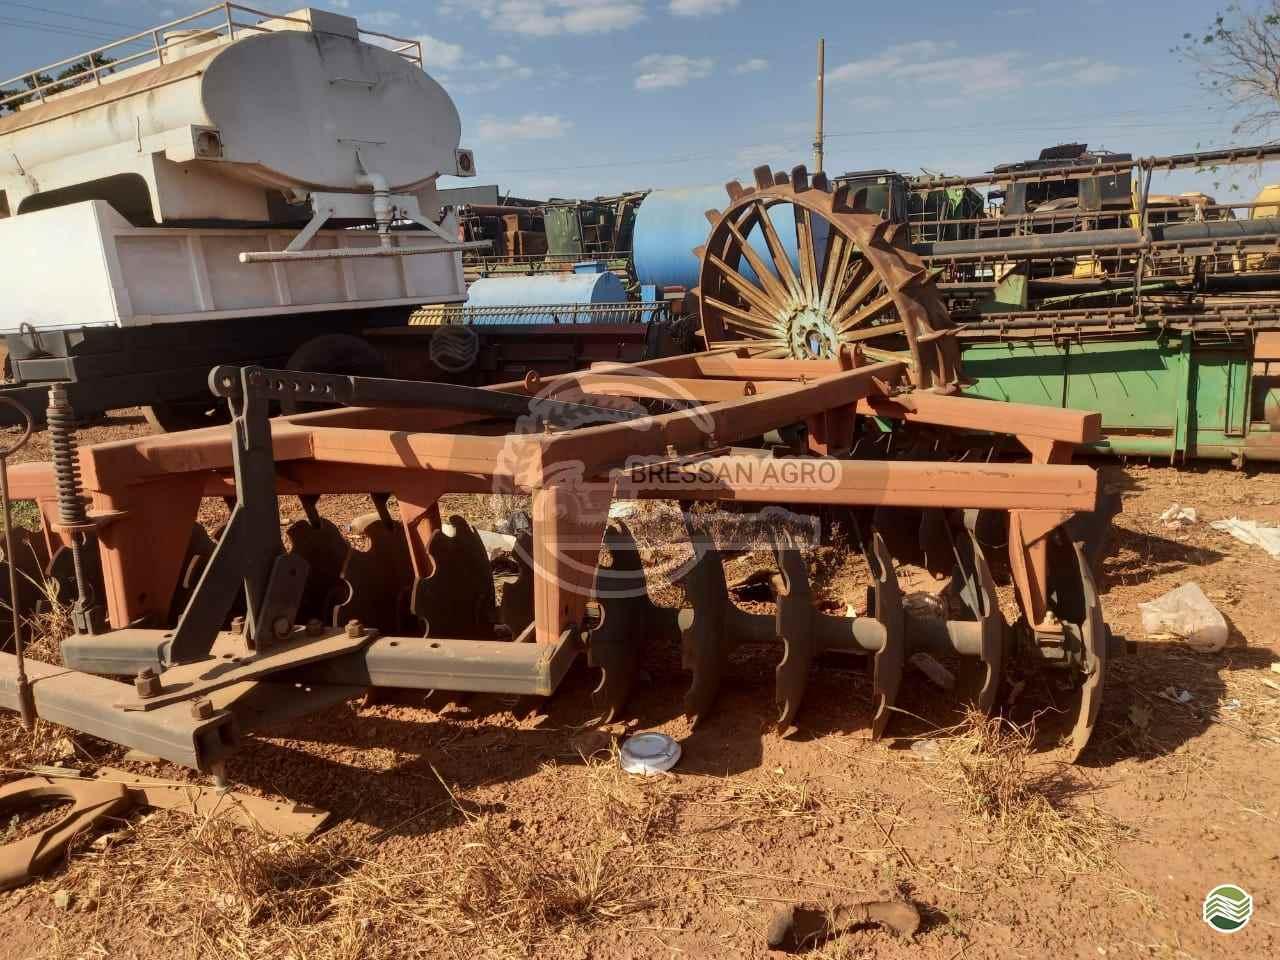 IMPLEMENTOS AGRICOLAS GRADE INTERMEDIÁRIA INTERMEDIÁRIA 28 DISCOS Bressan Agro VARZEA GRANDE MATO GROSSO MT